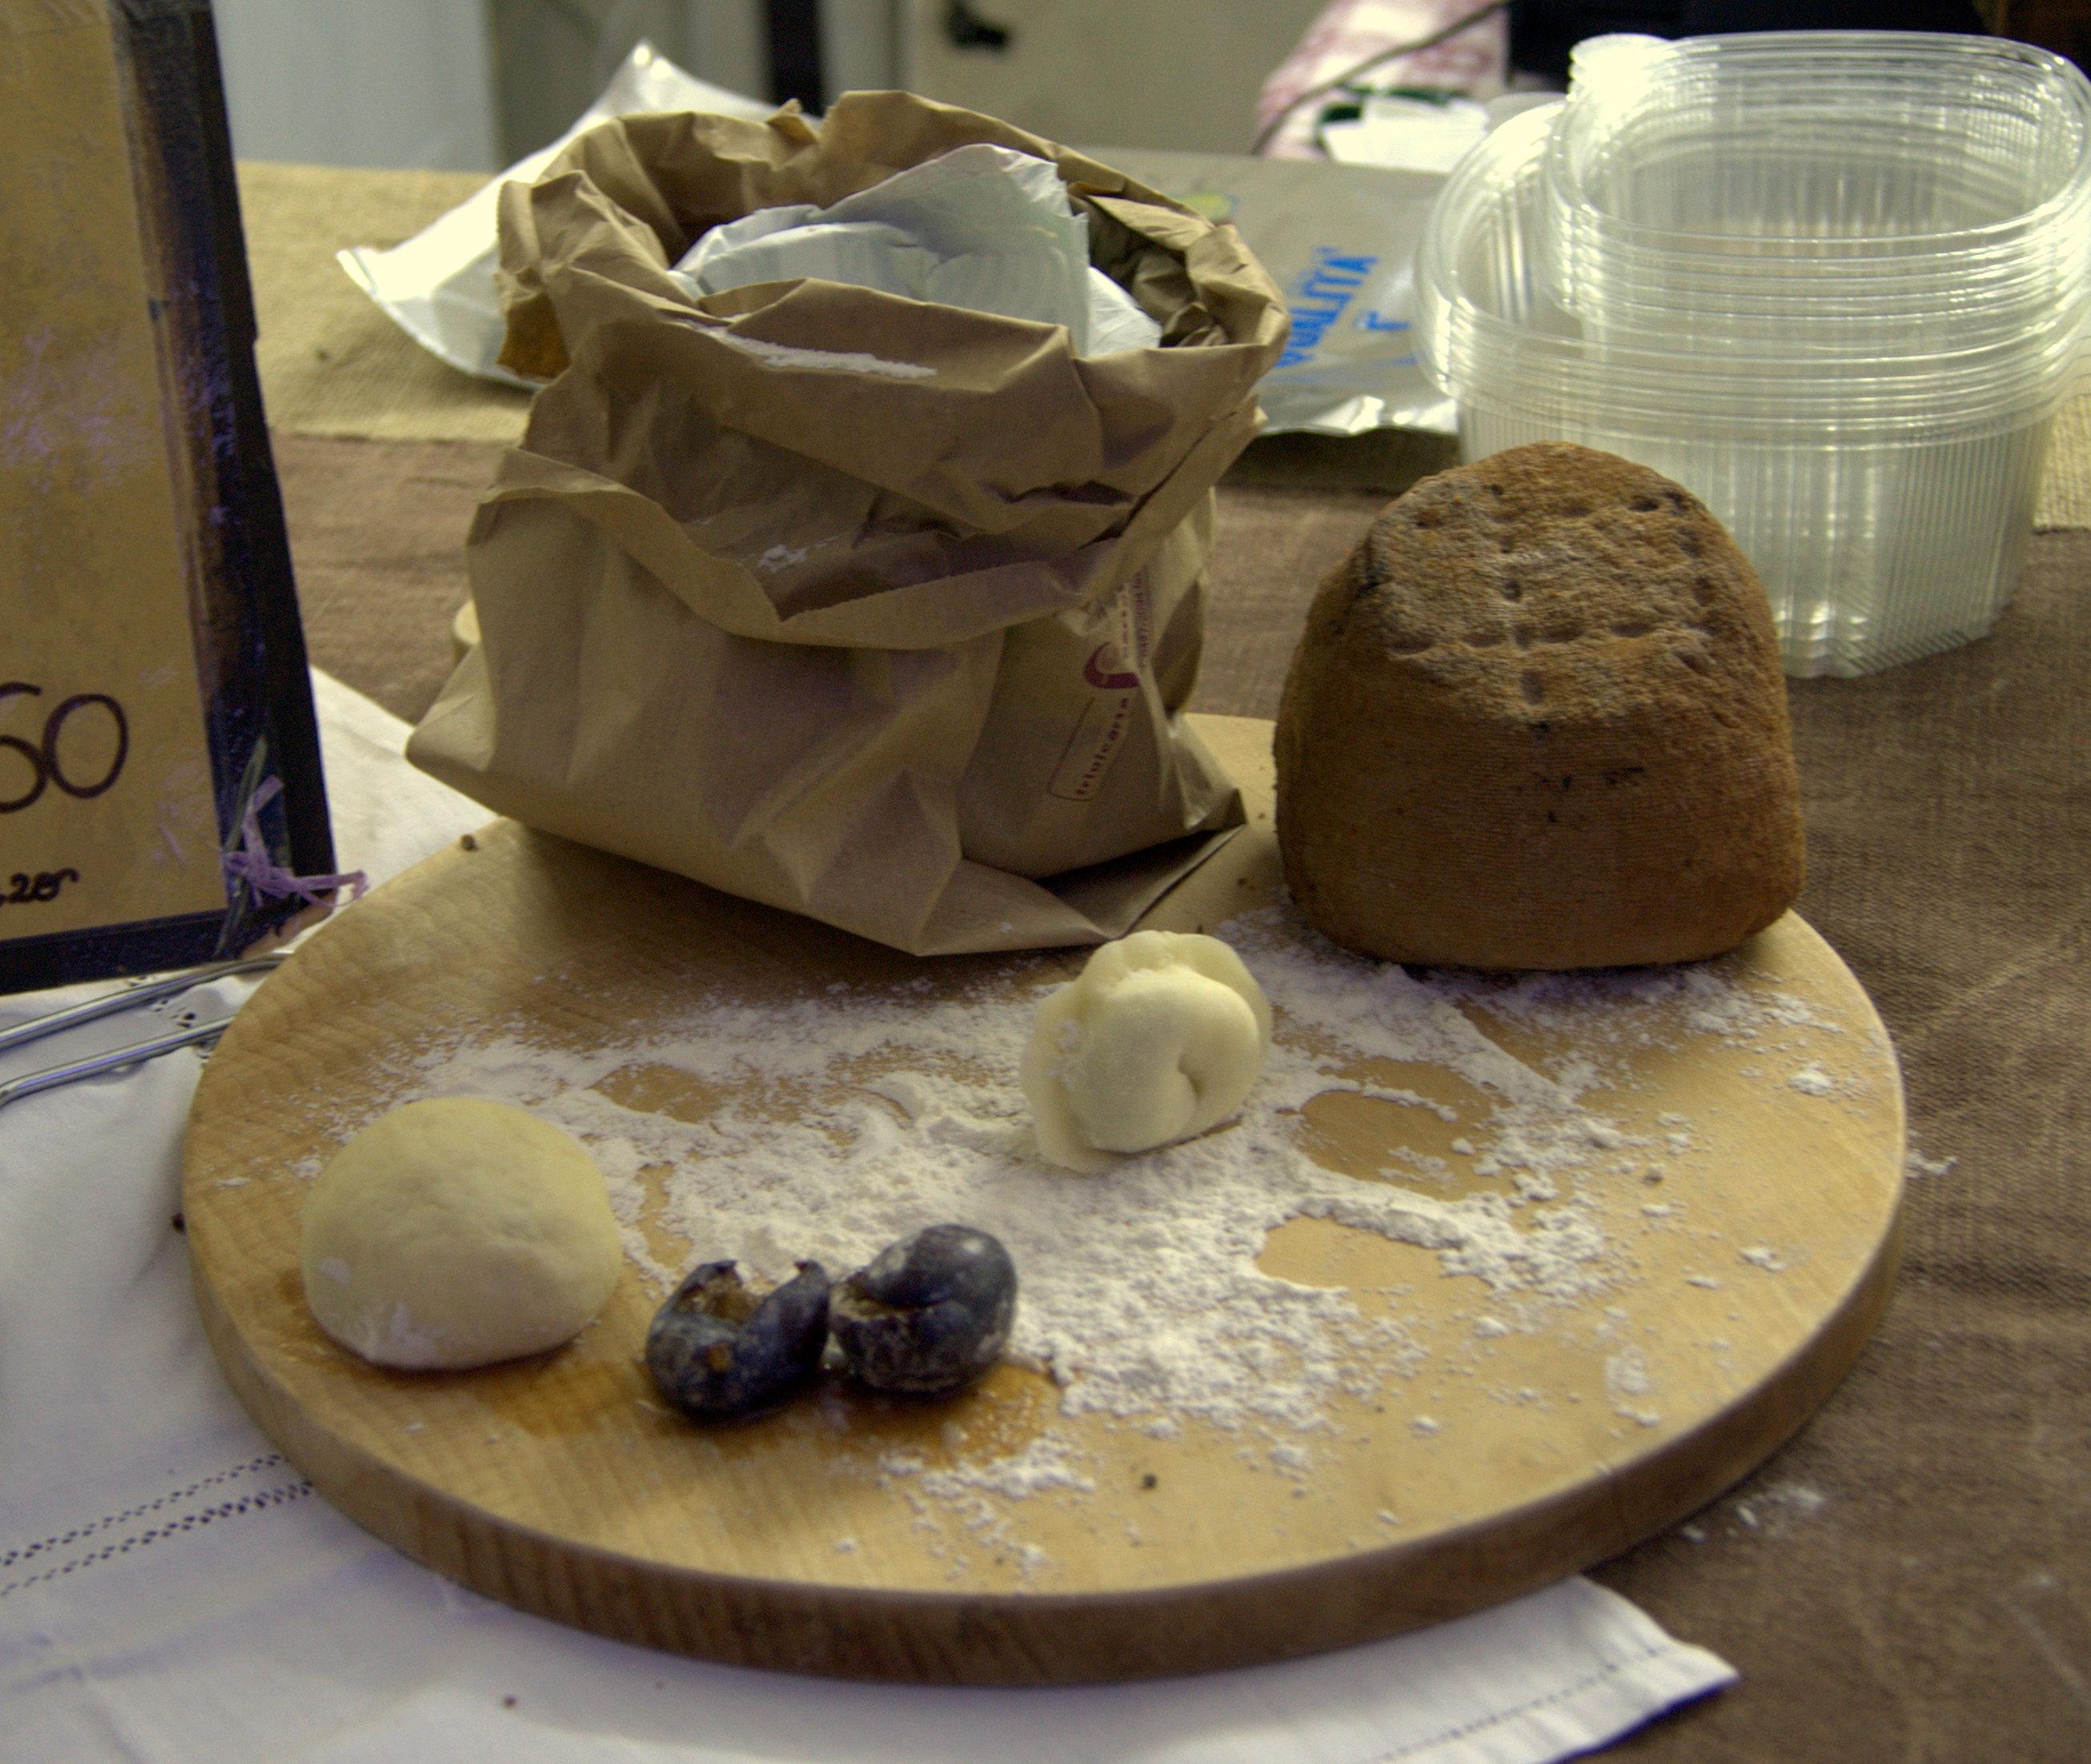 La preparazione dei cjarsons, tipici gnocchi della cucina friulana